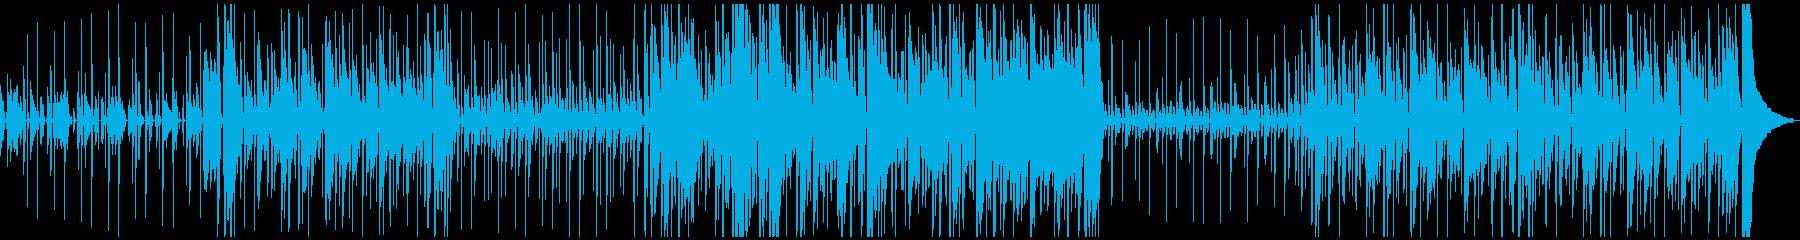 ラテン ジャズ ラウンジ まったり...の再生済みの波形